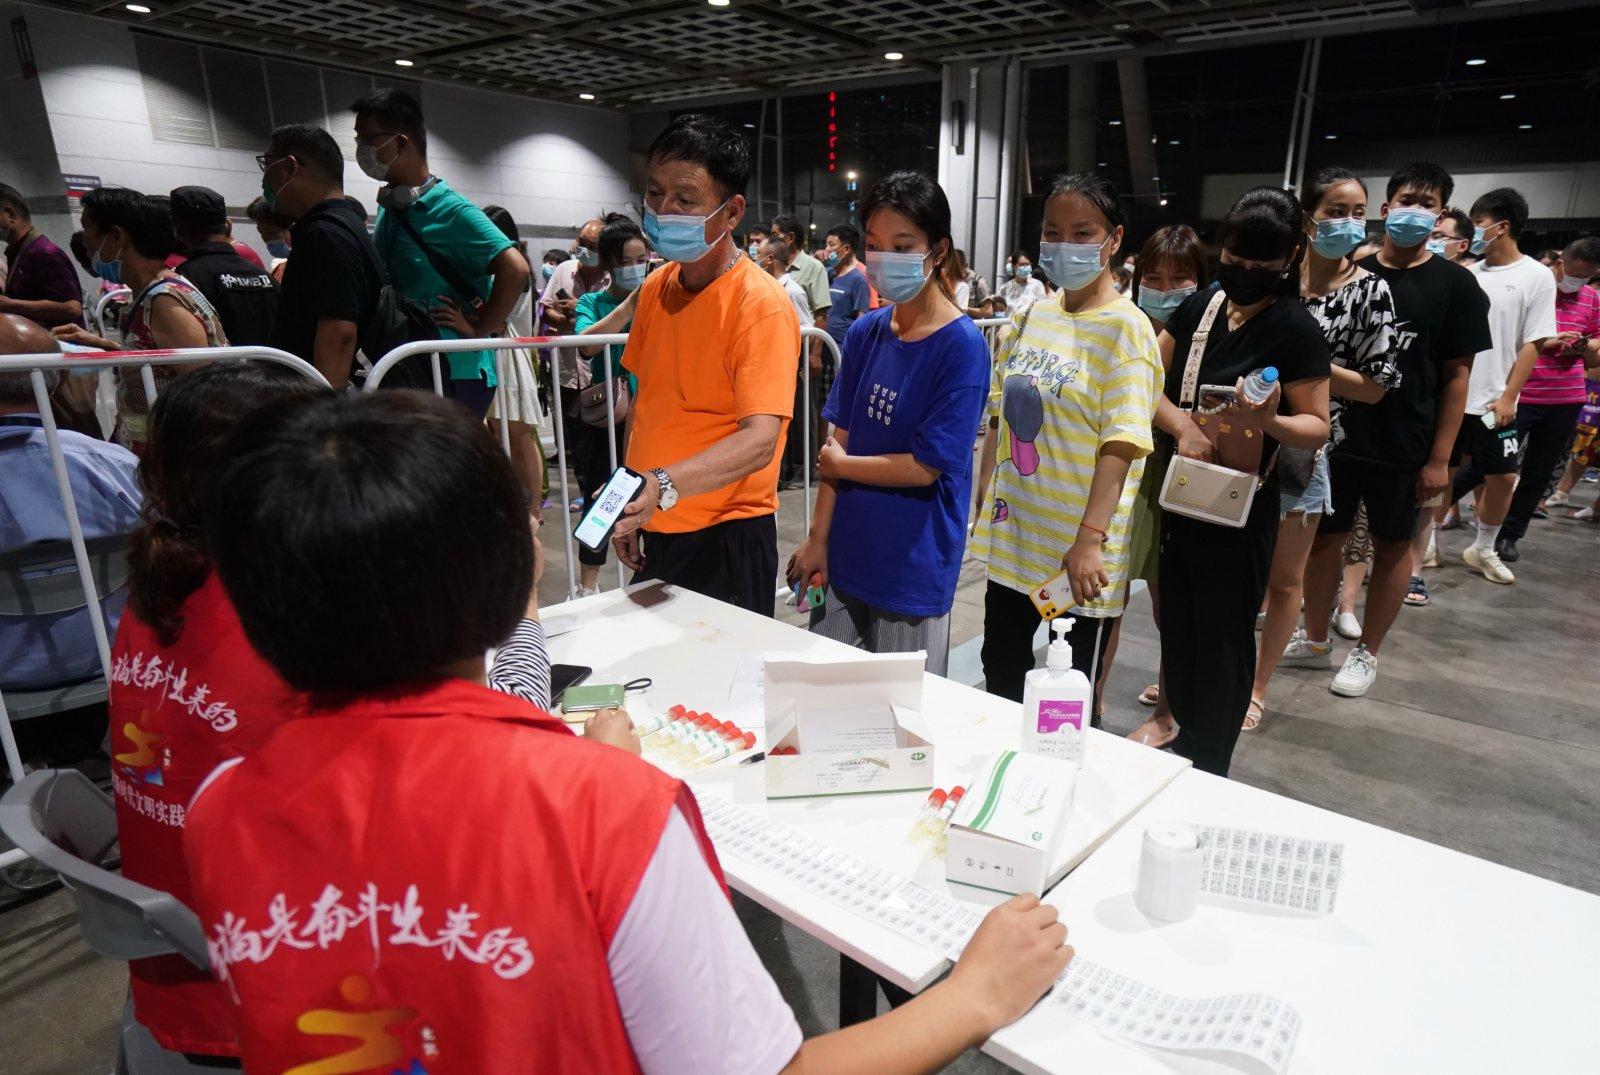 7月21日晚,在南京市玄武區一處檢測點,市民在登記信息。(新華社)